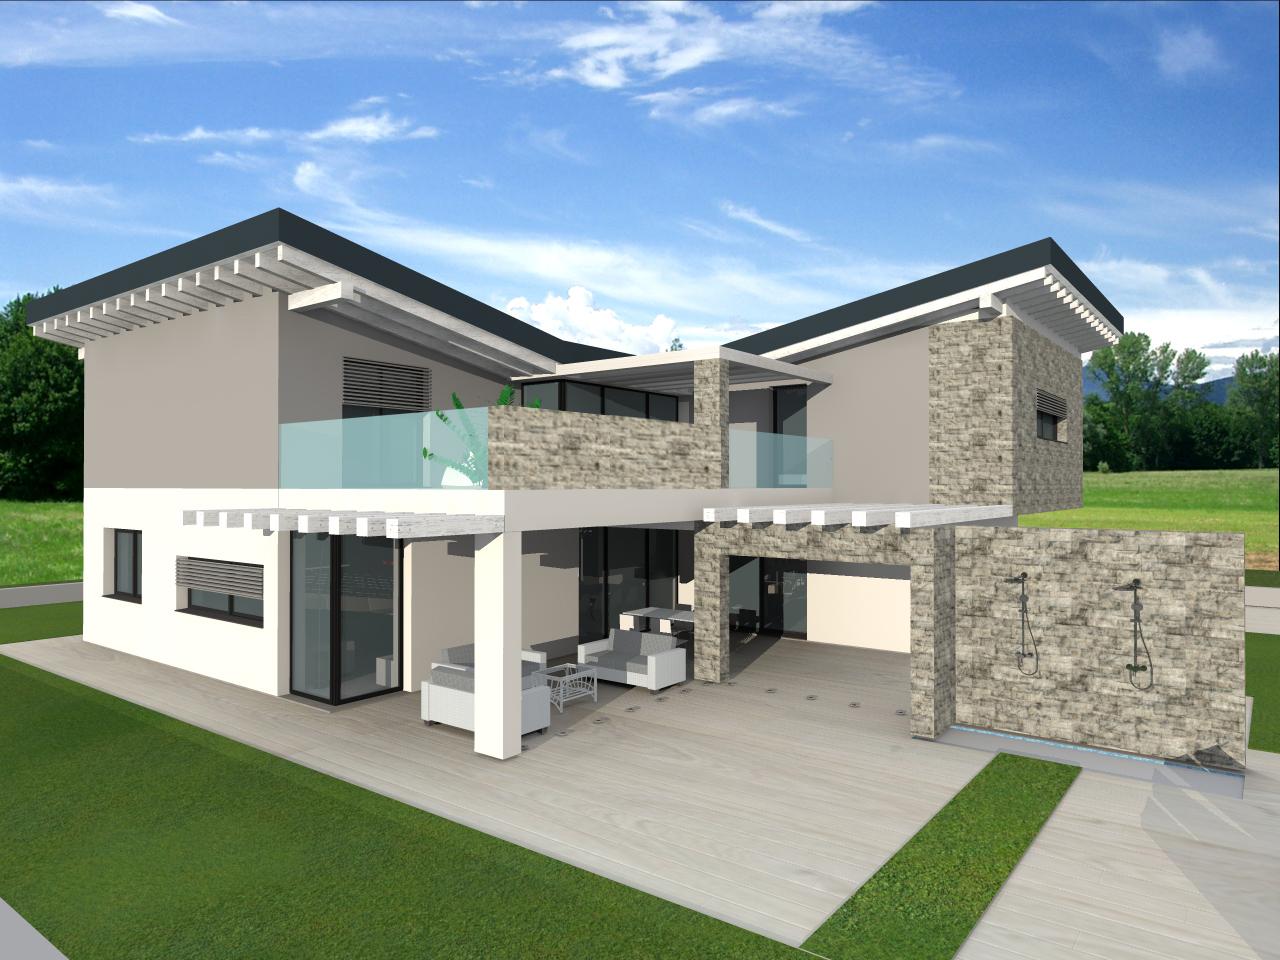 Progetti di architettura for Progetto ville moderne nuova costruzione